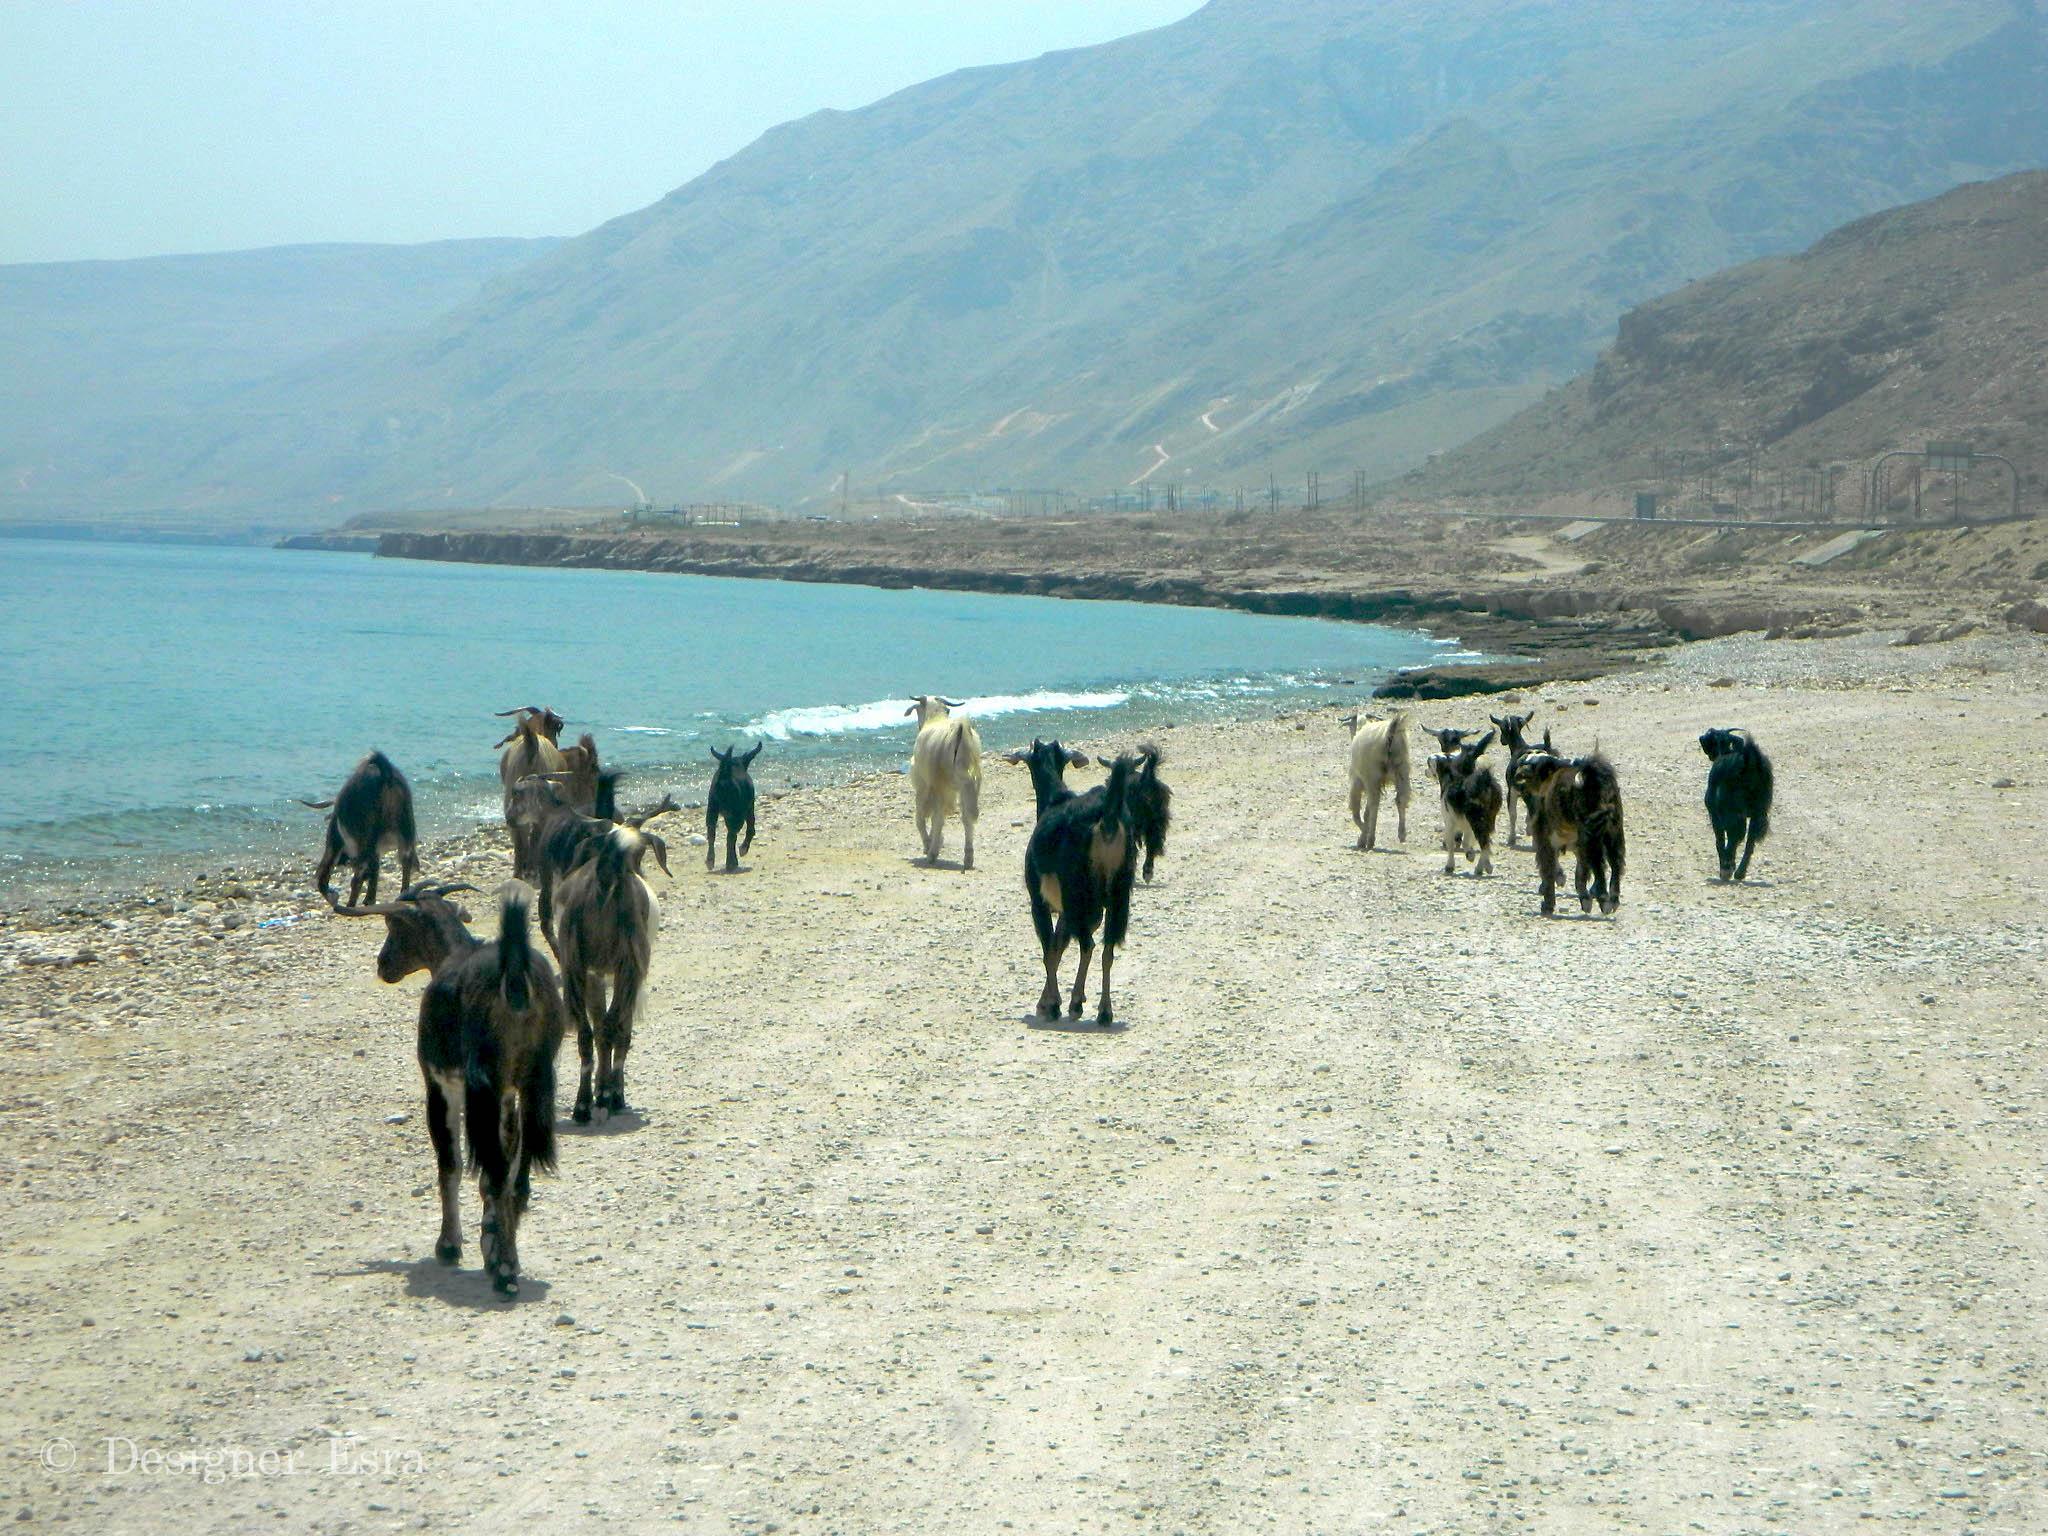 Adventurous Mountain Goats